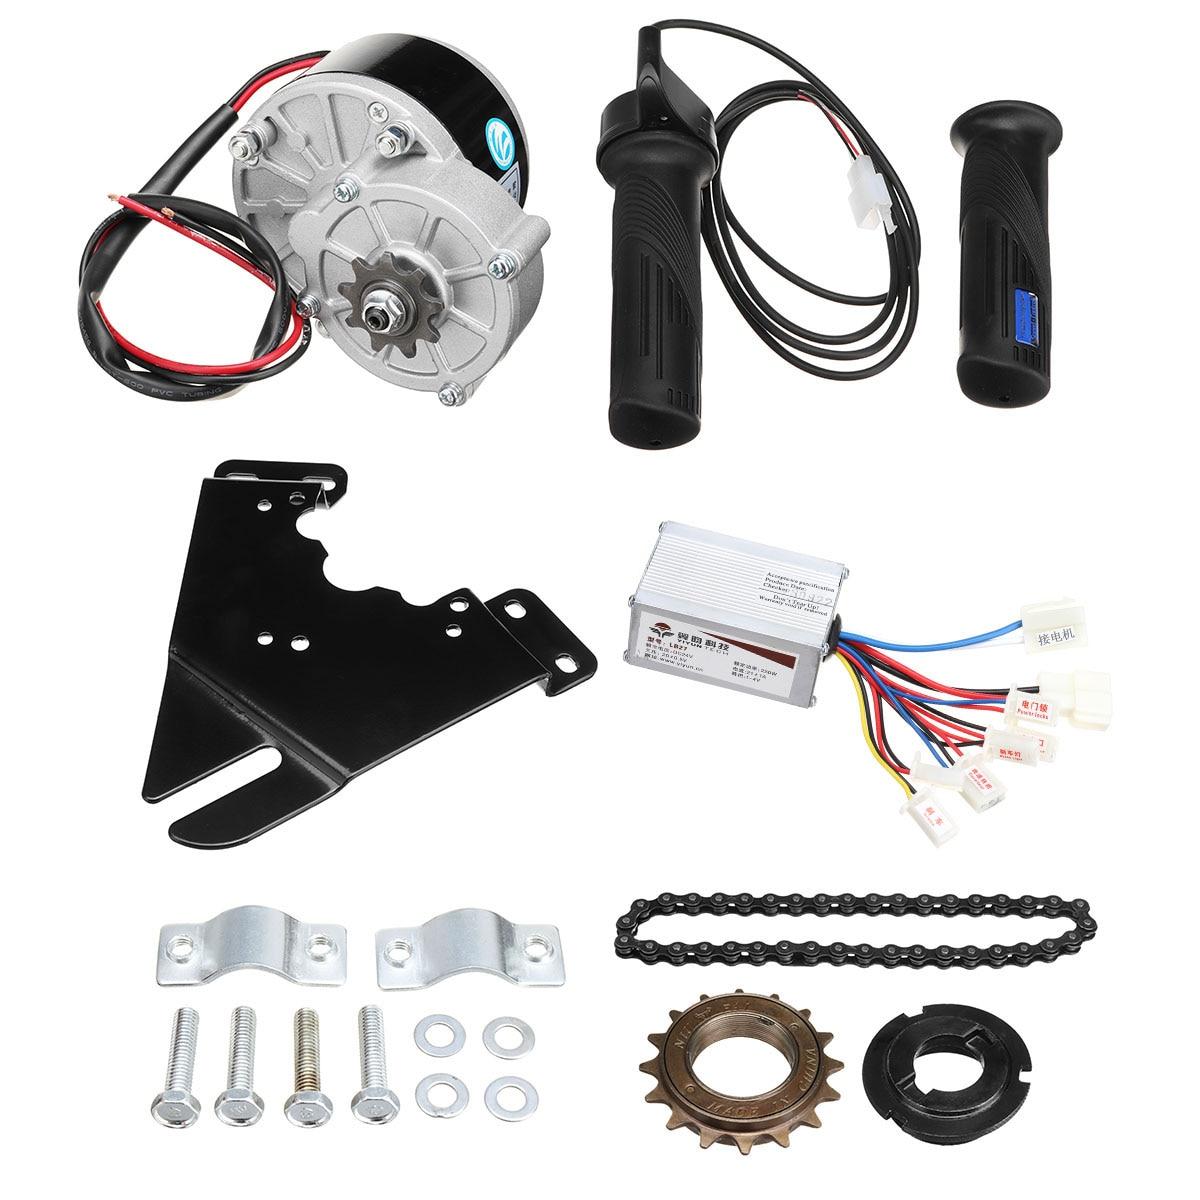 Roue de moteur de vélo électrique 24 V 250 W pour 20-28